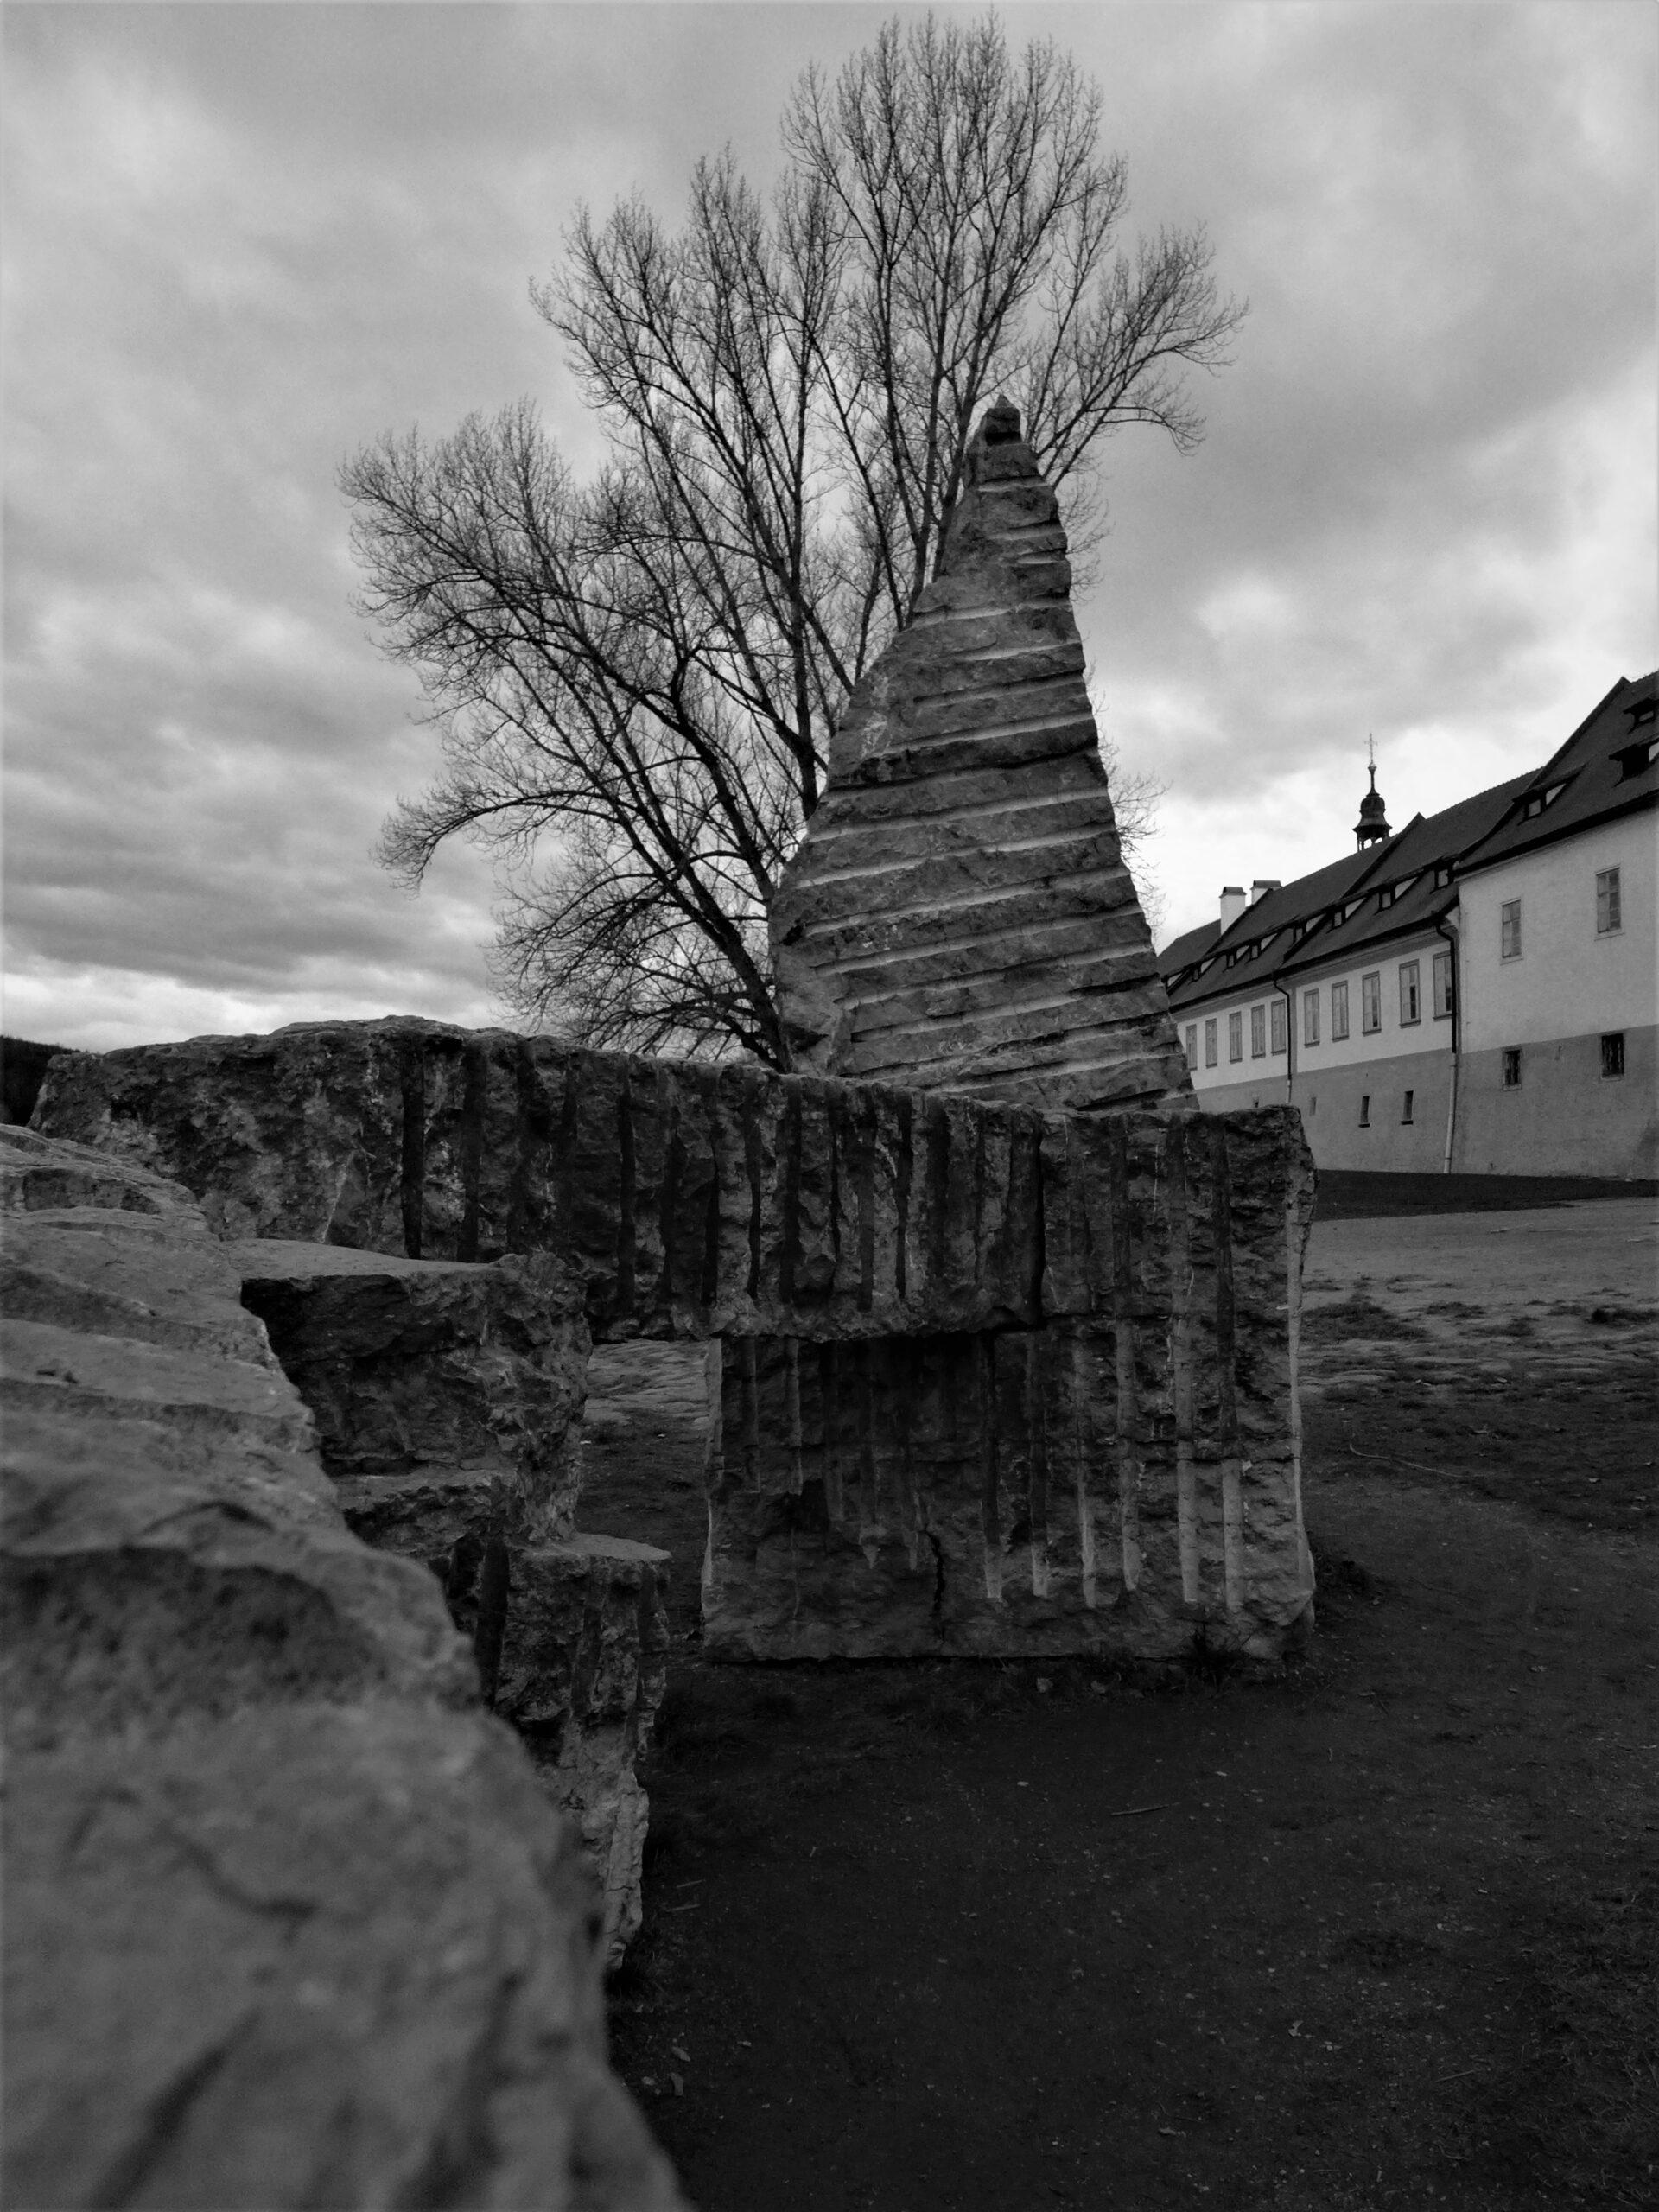 Kamenné zátiší   foto: Adam Cejnar - 15 let   2. místo kategorie 2 (13 - 18 let)